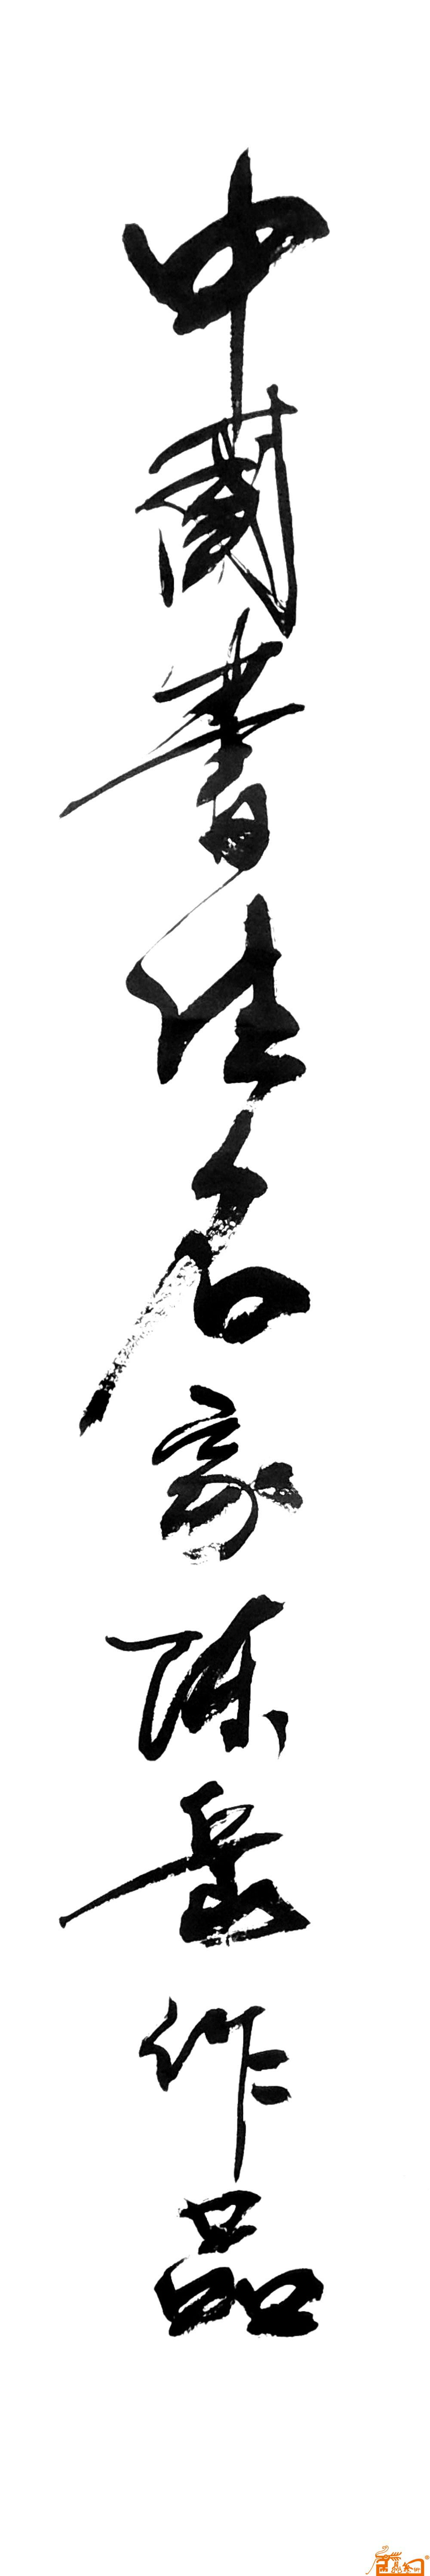 作品152-陈岳-淘宝-名人字画-中国书画服务中心,中国图片